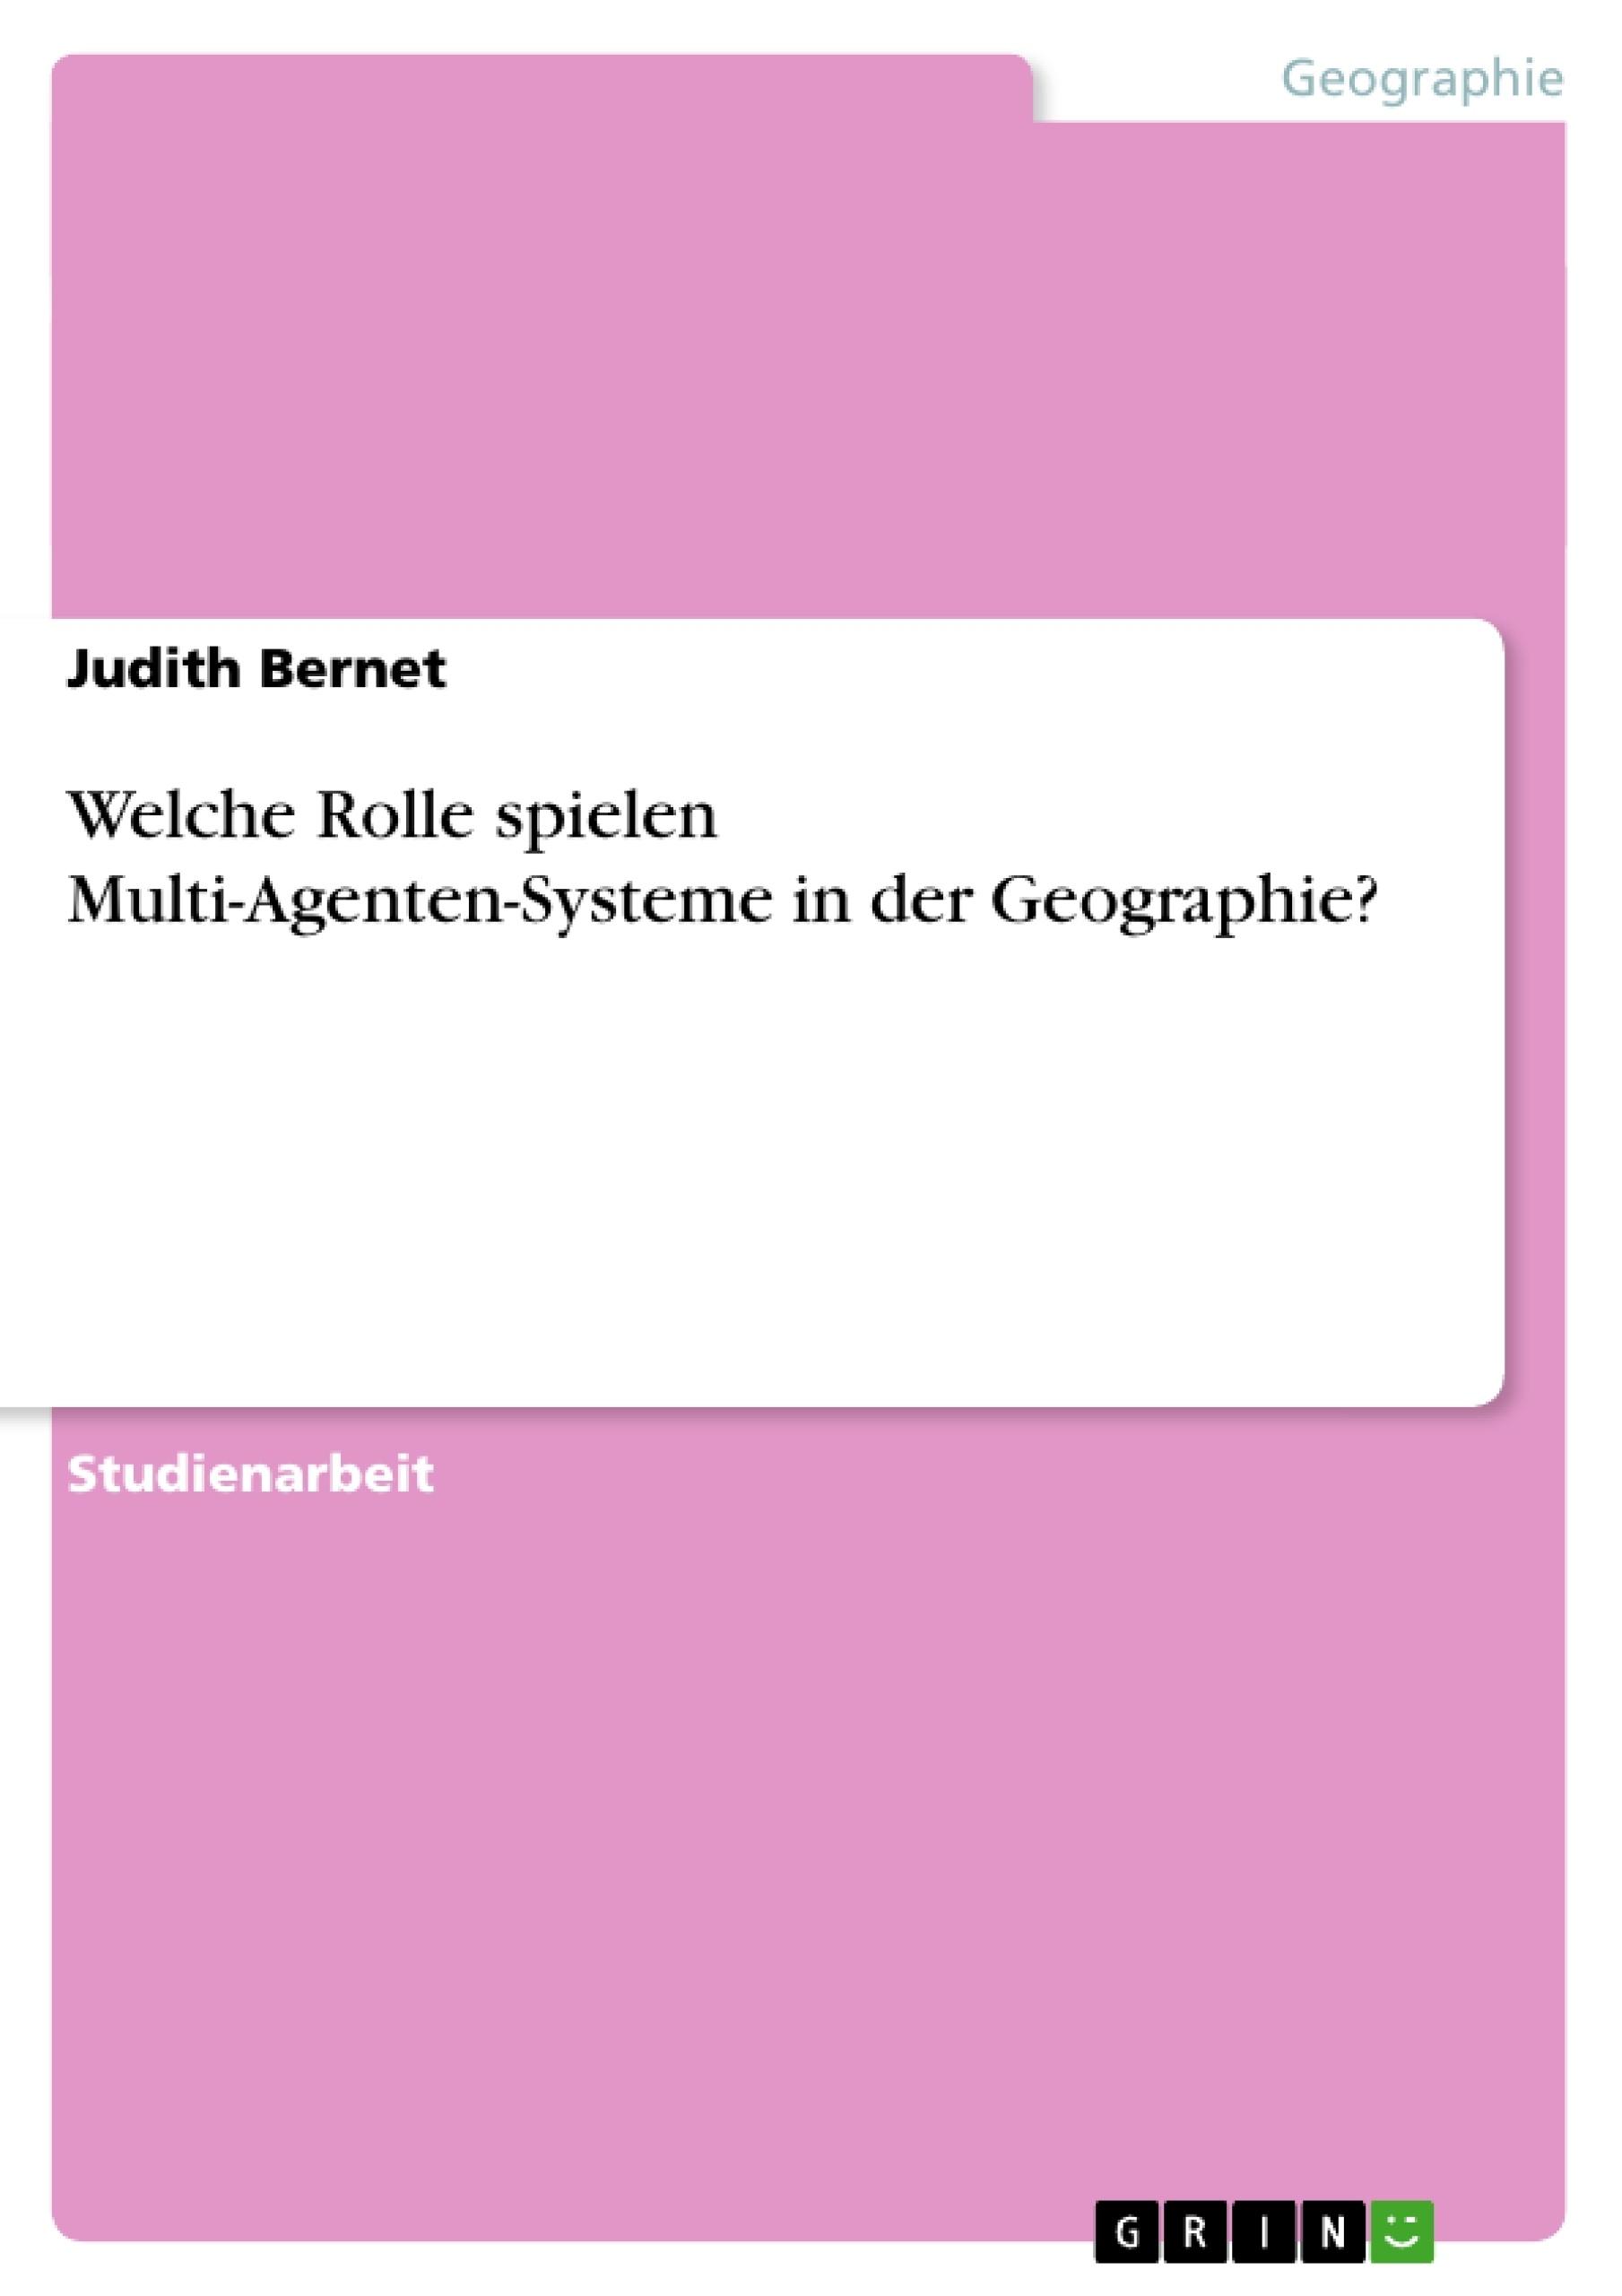 Titel: Welche Rolle spielen Multi-Agenten-Systeme in der Geographie?